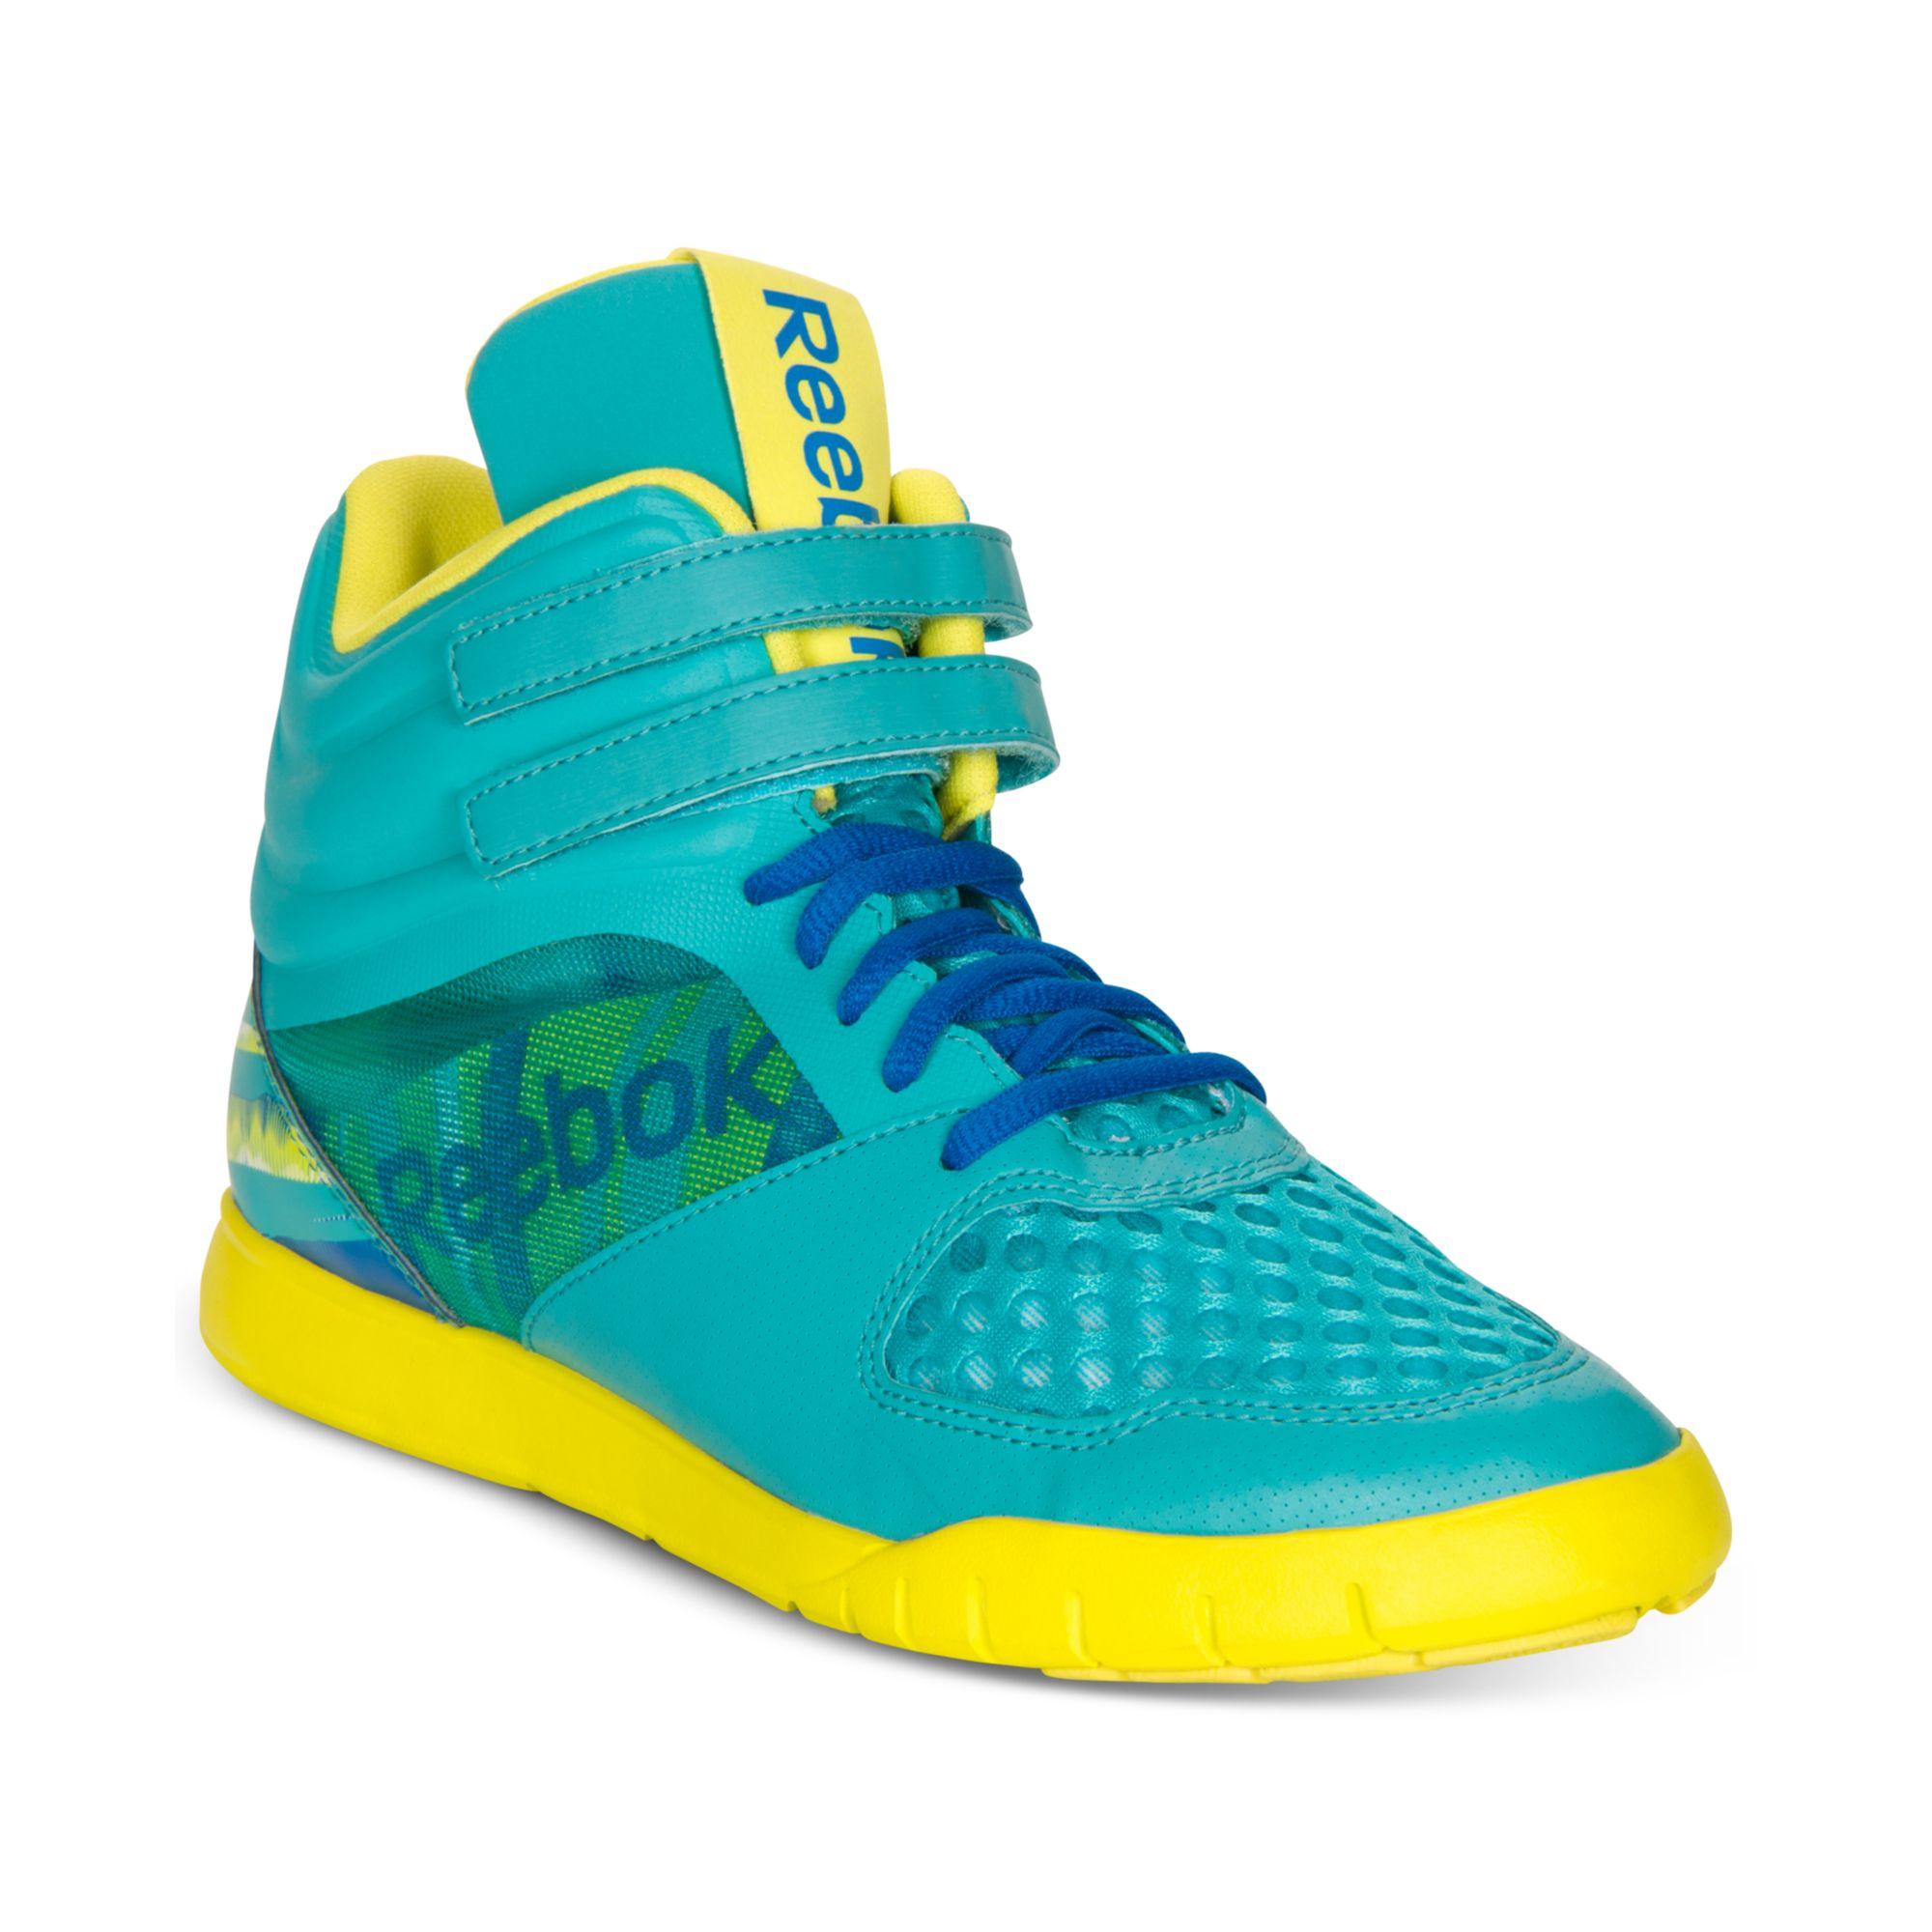 73bb8606a6c Lyst - Reebok Dance Ur Lead Mid Sneakers in Blue